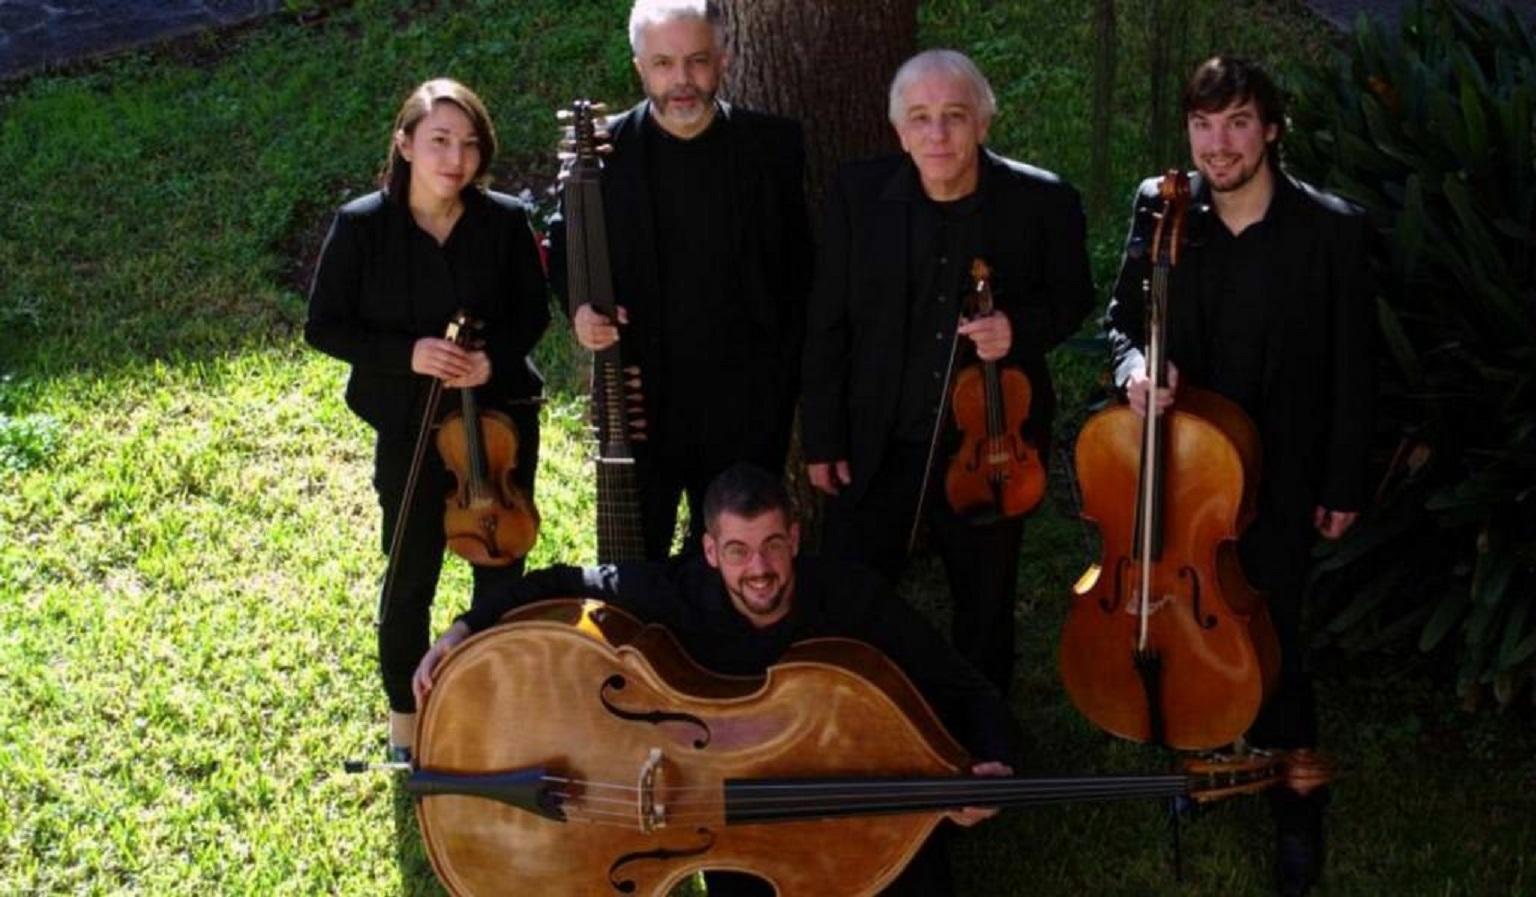 PALMA. MUSICA. La formación de cuerda Ensemble Tramuntana .